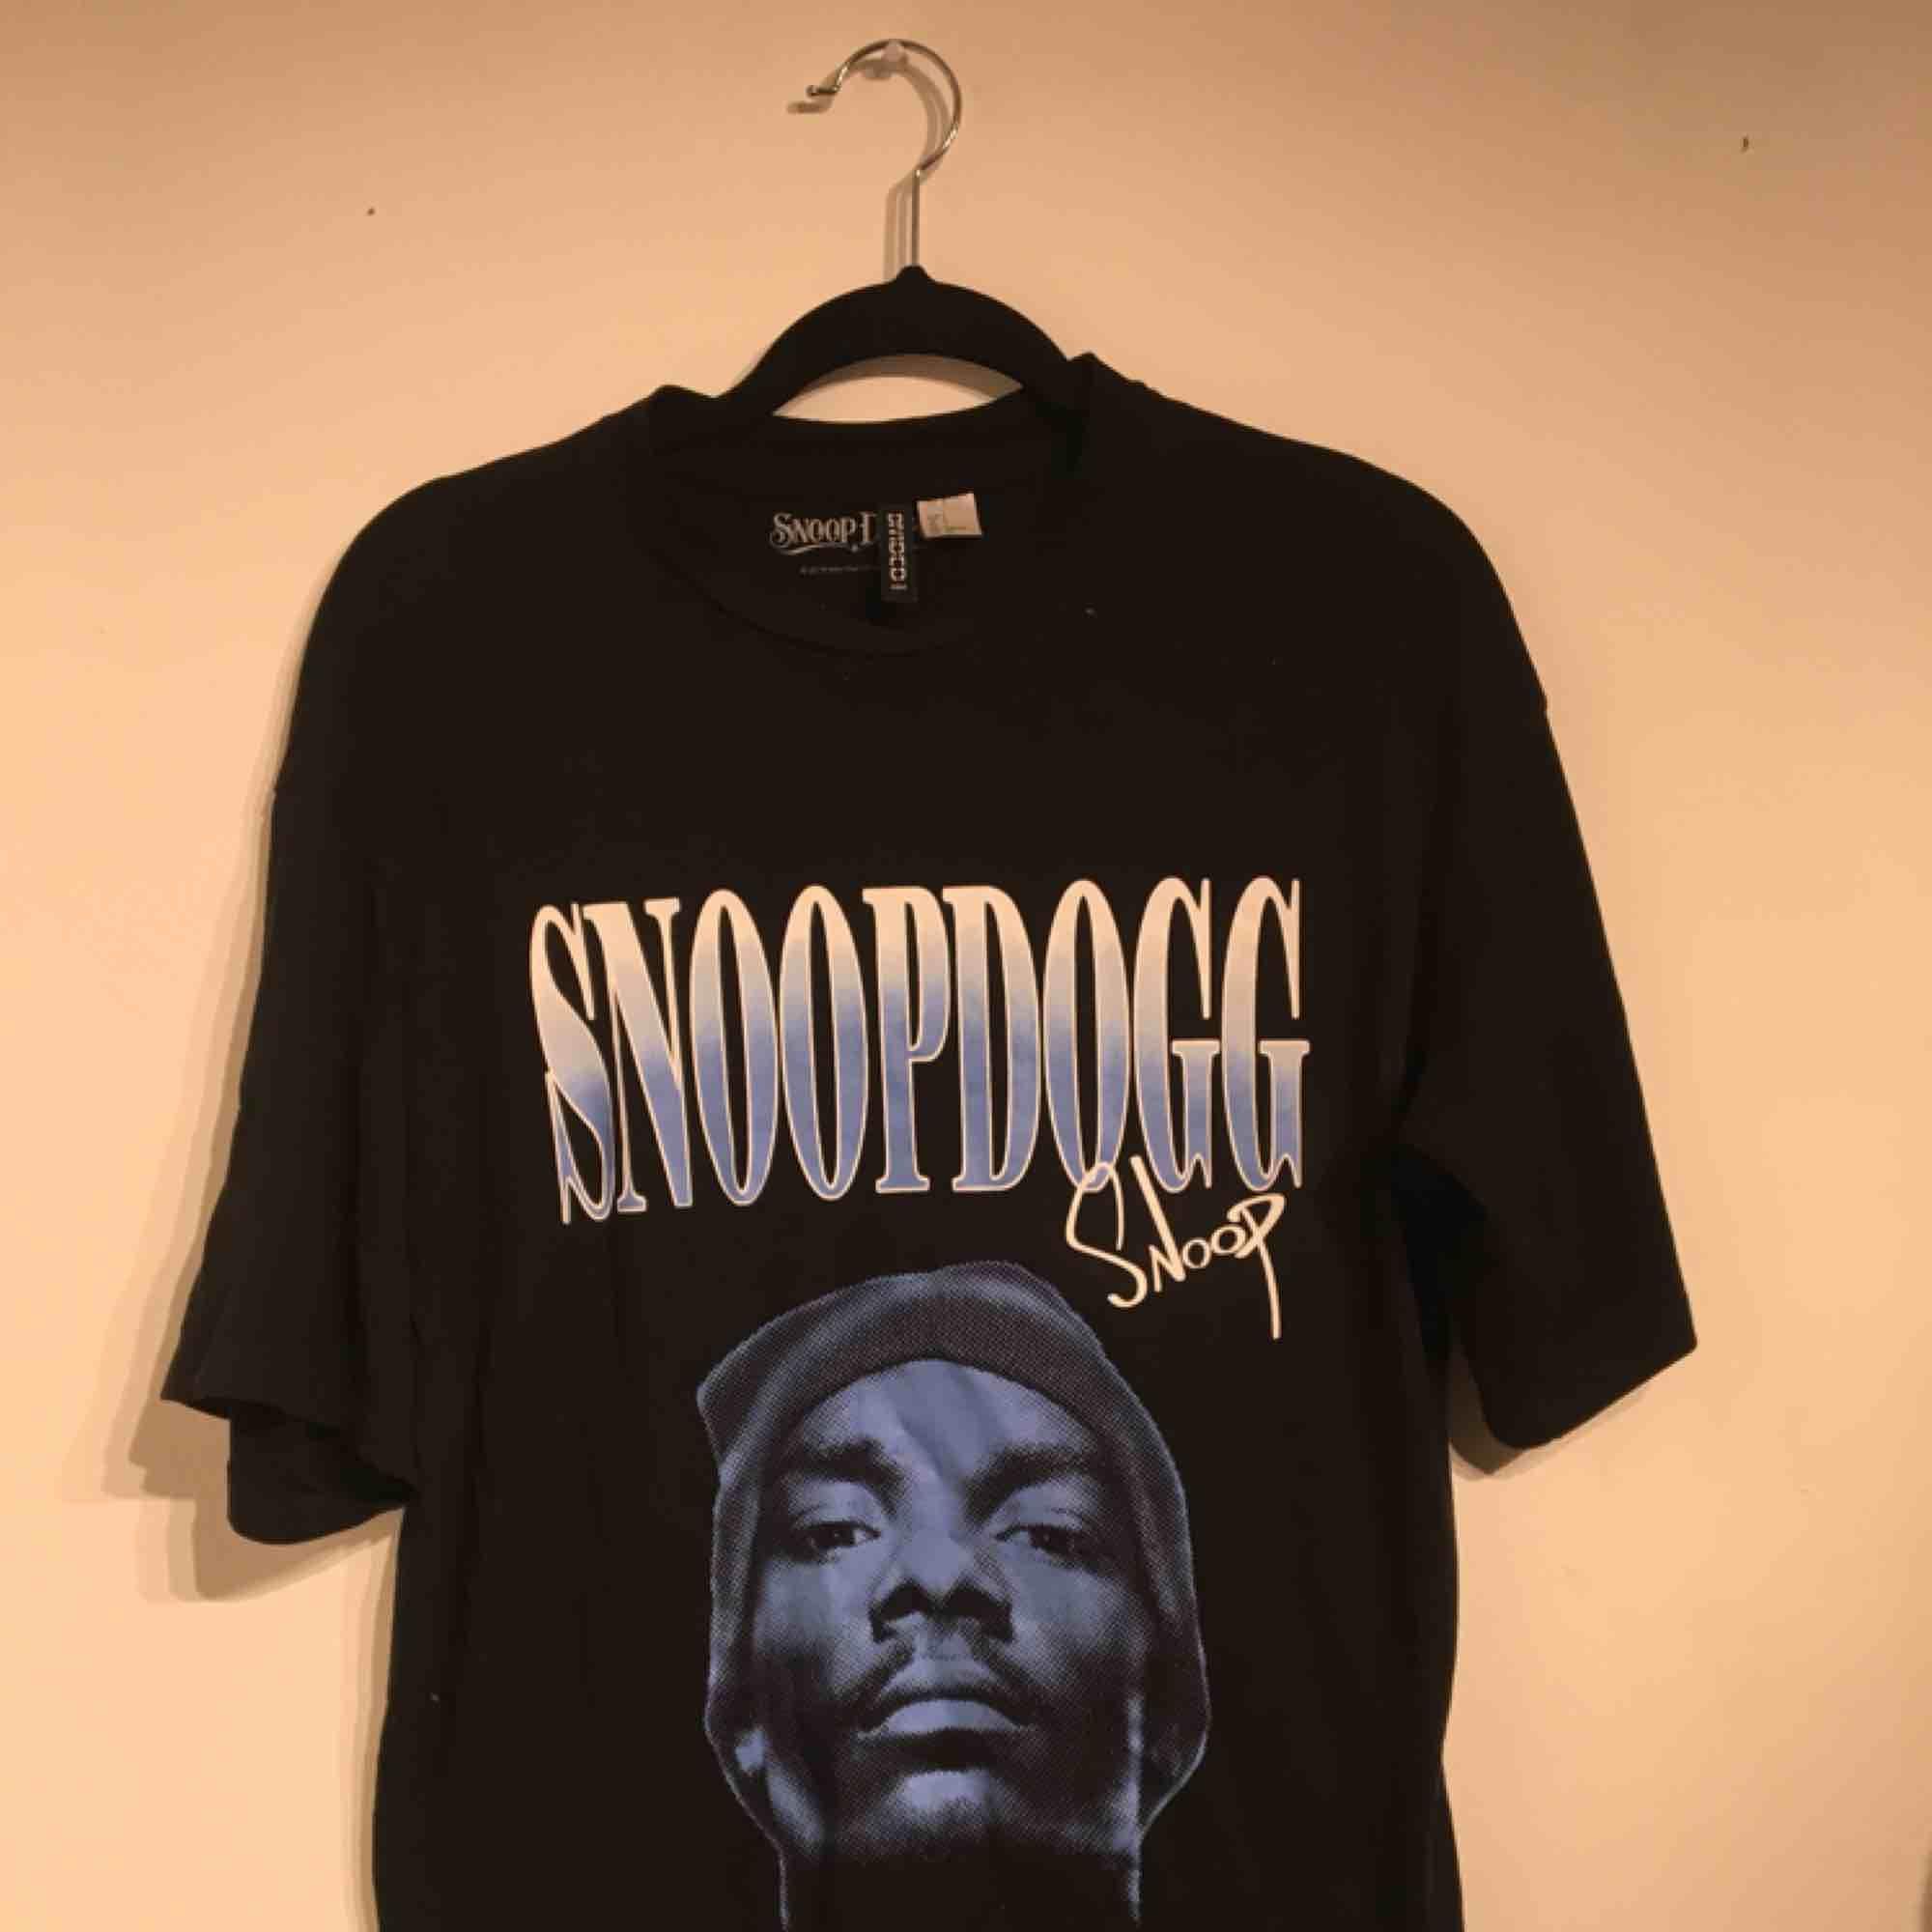 Snoop dogg tröja. T-shirts.